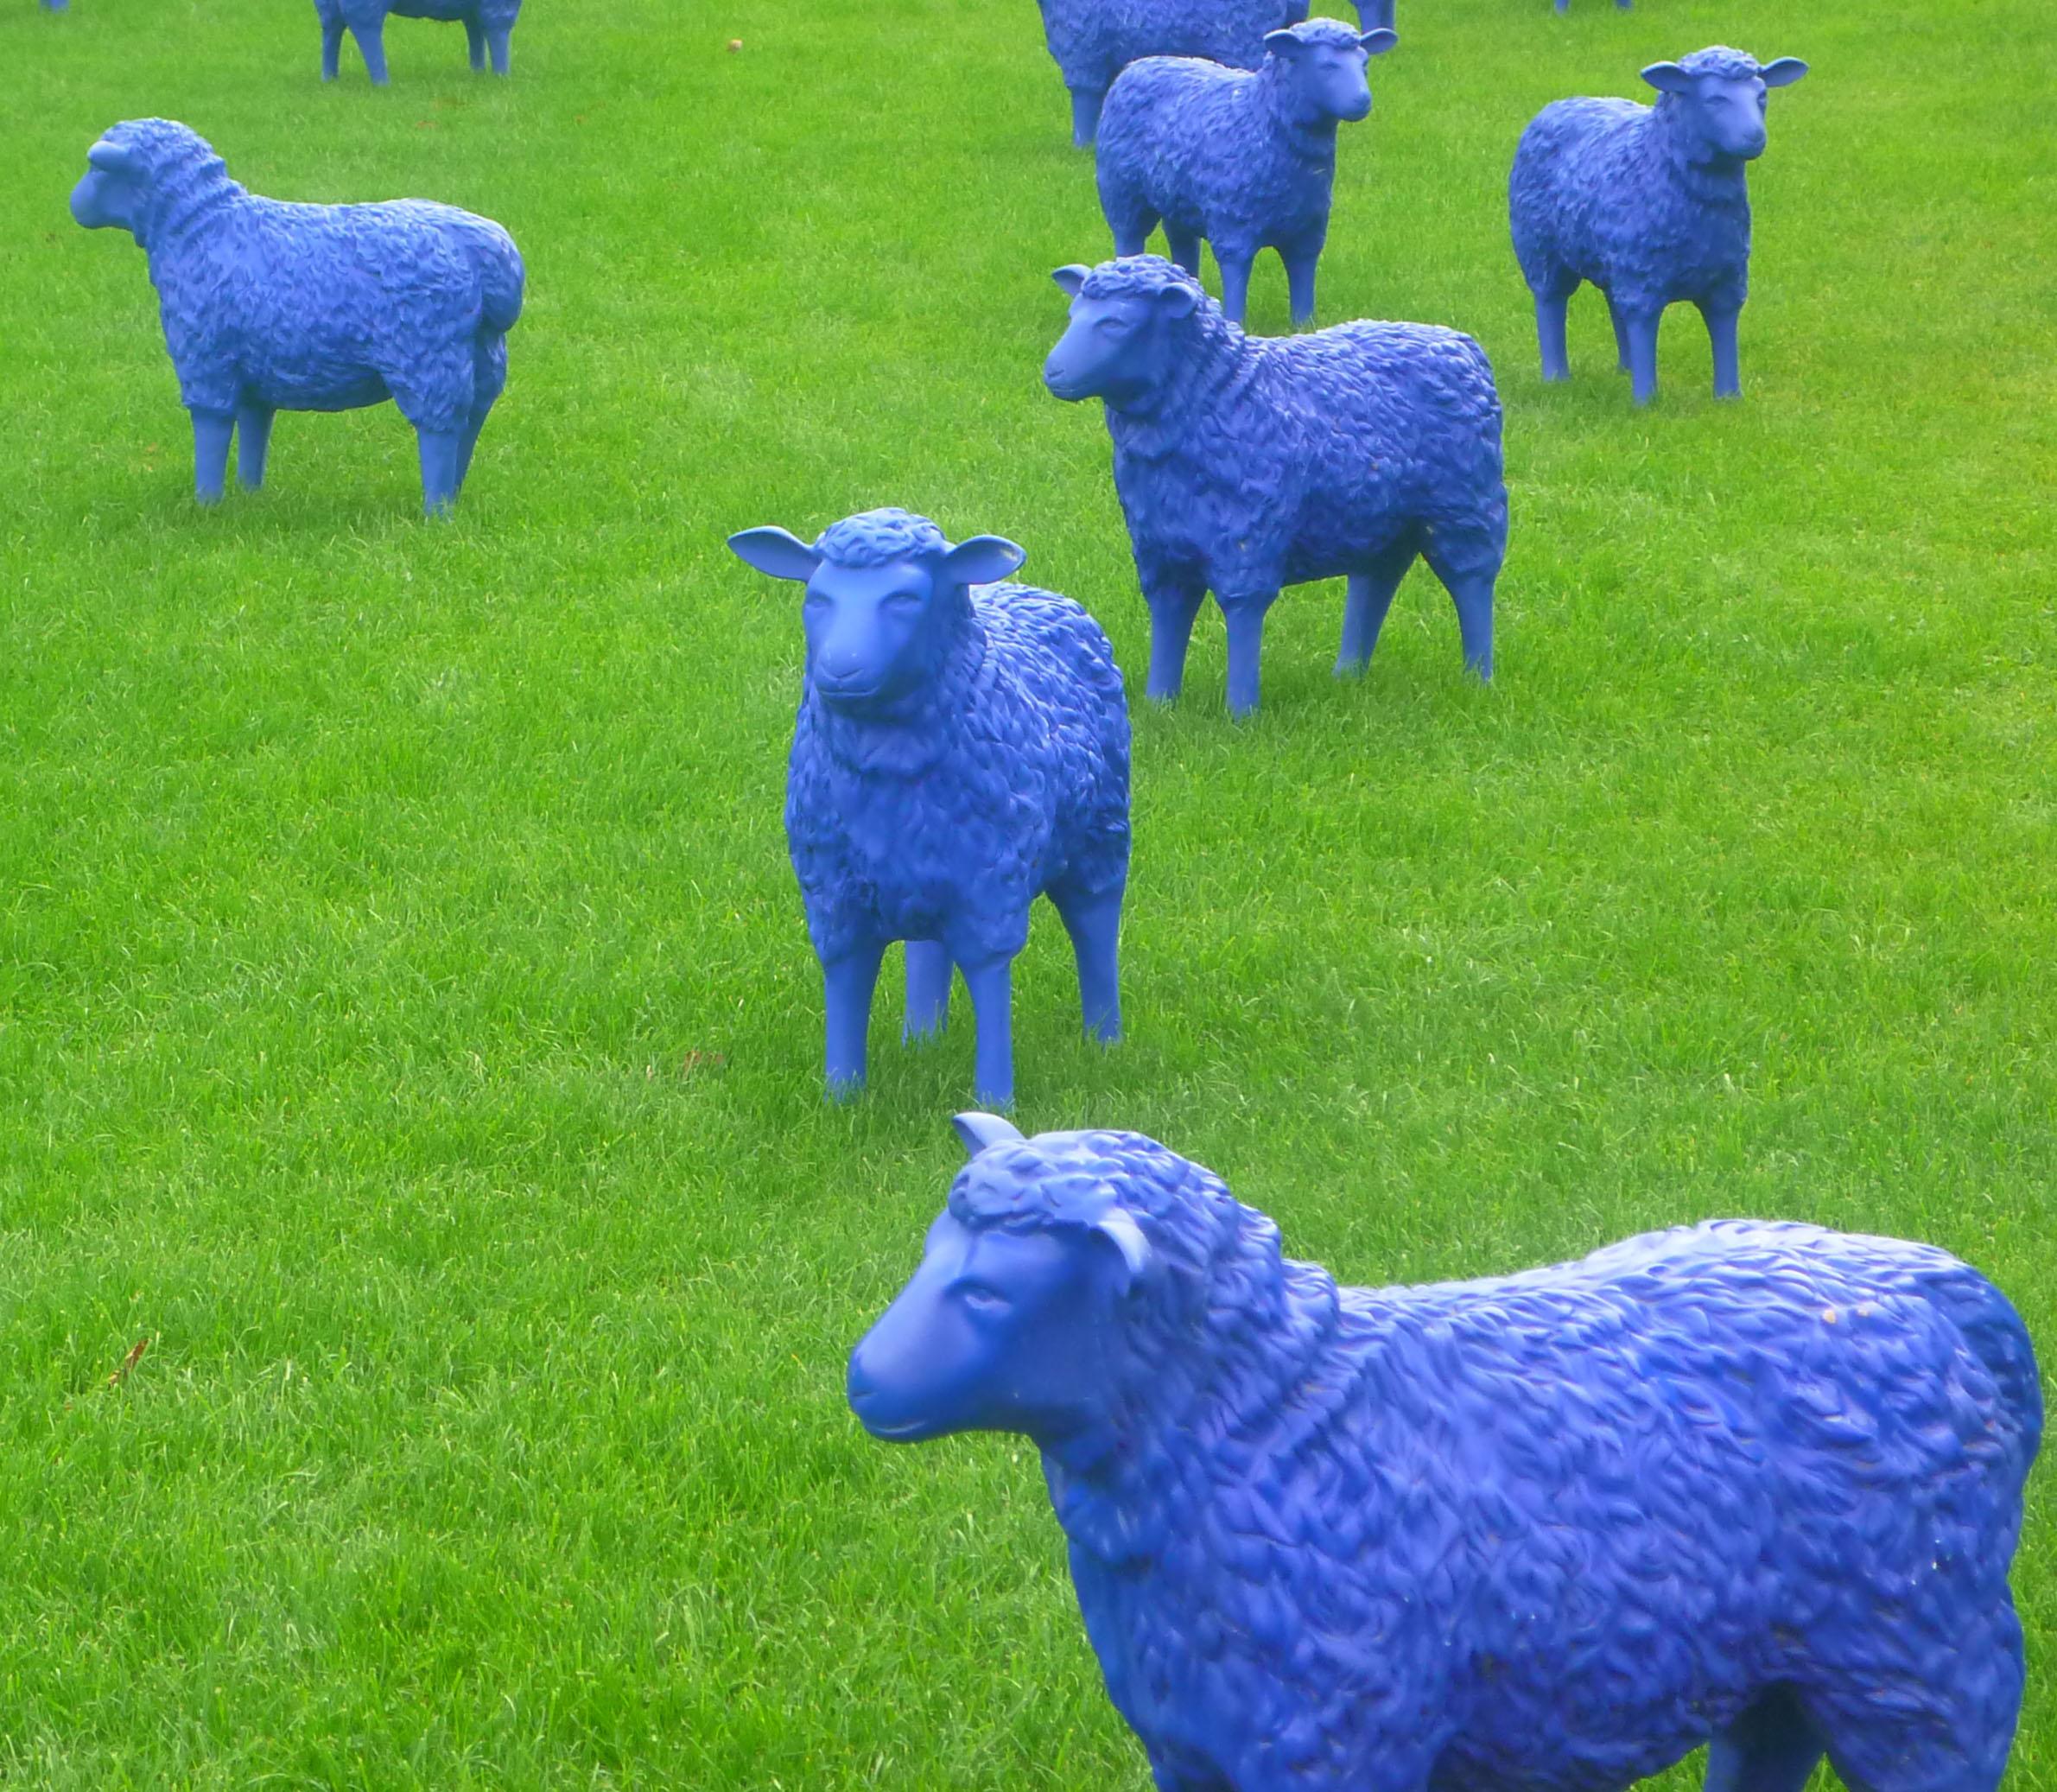 2013-9-22 Ein Schaf, oh ein Schaf